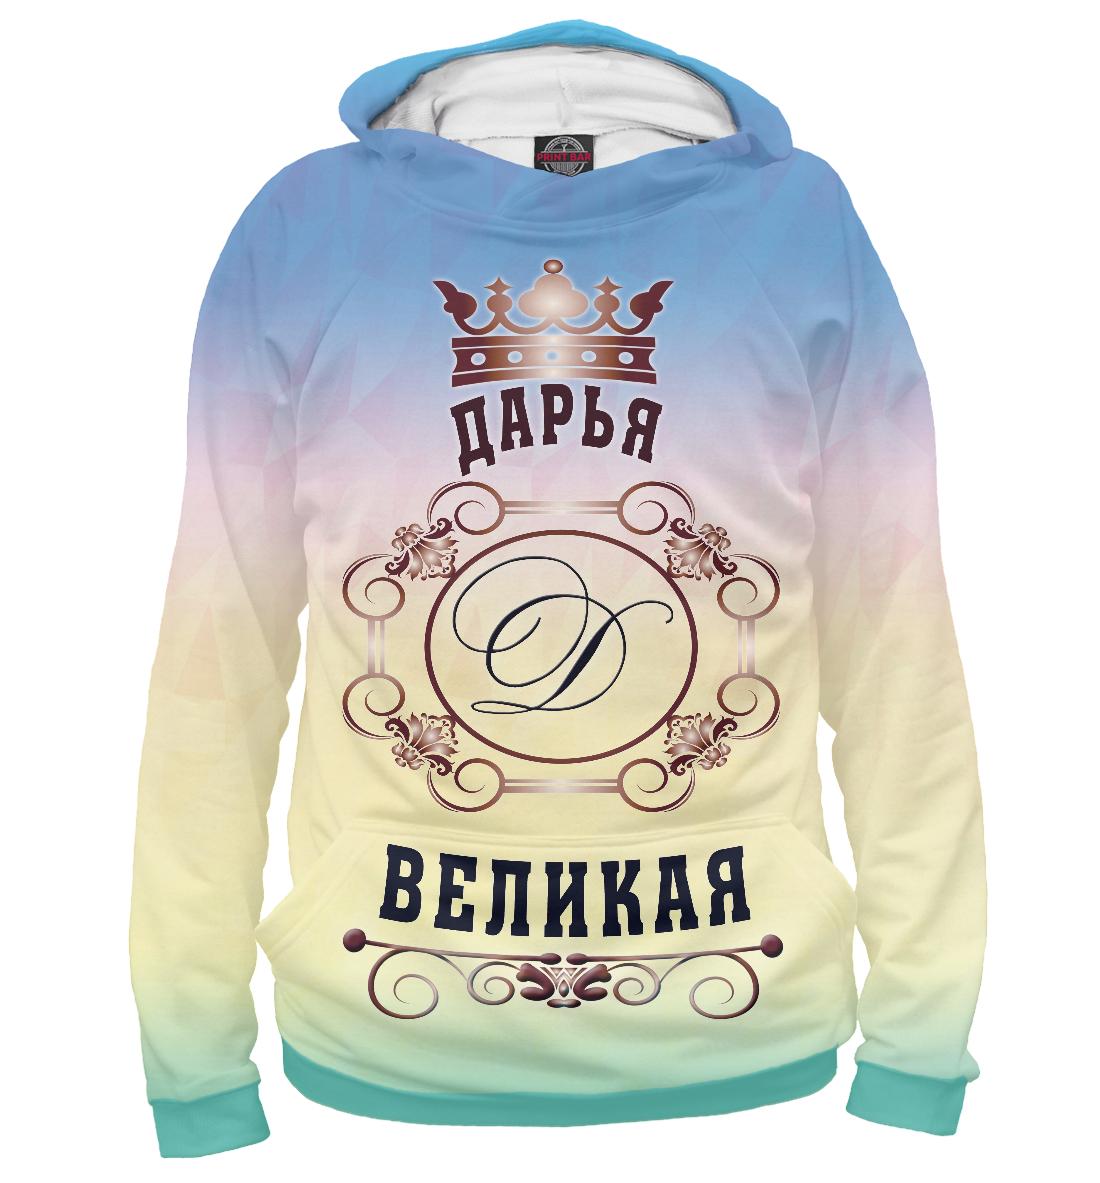 Купить Дарья Великая, Printbar, Худи, DAR-380251-hud